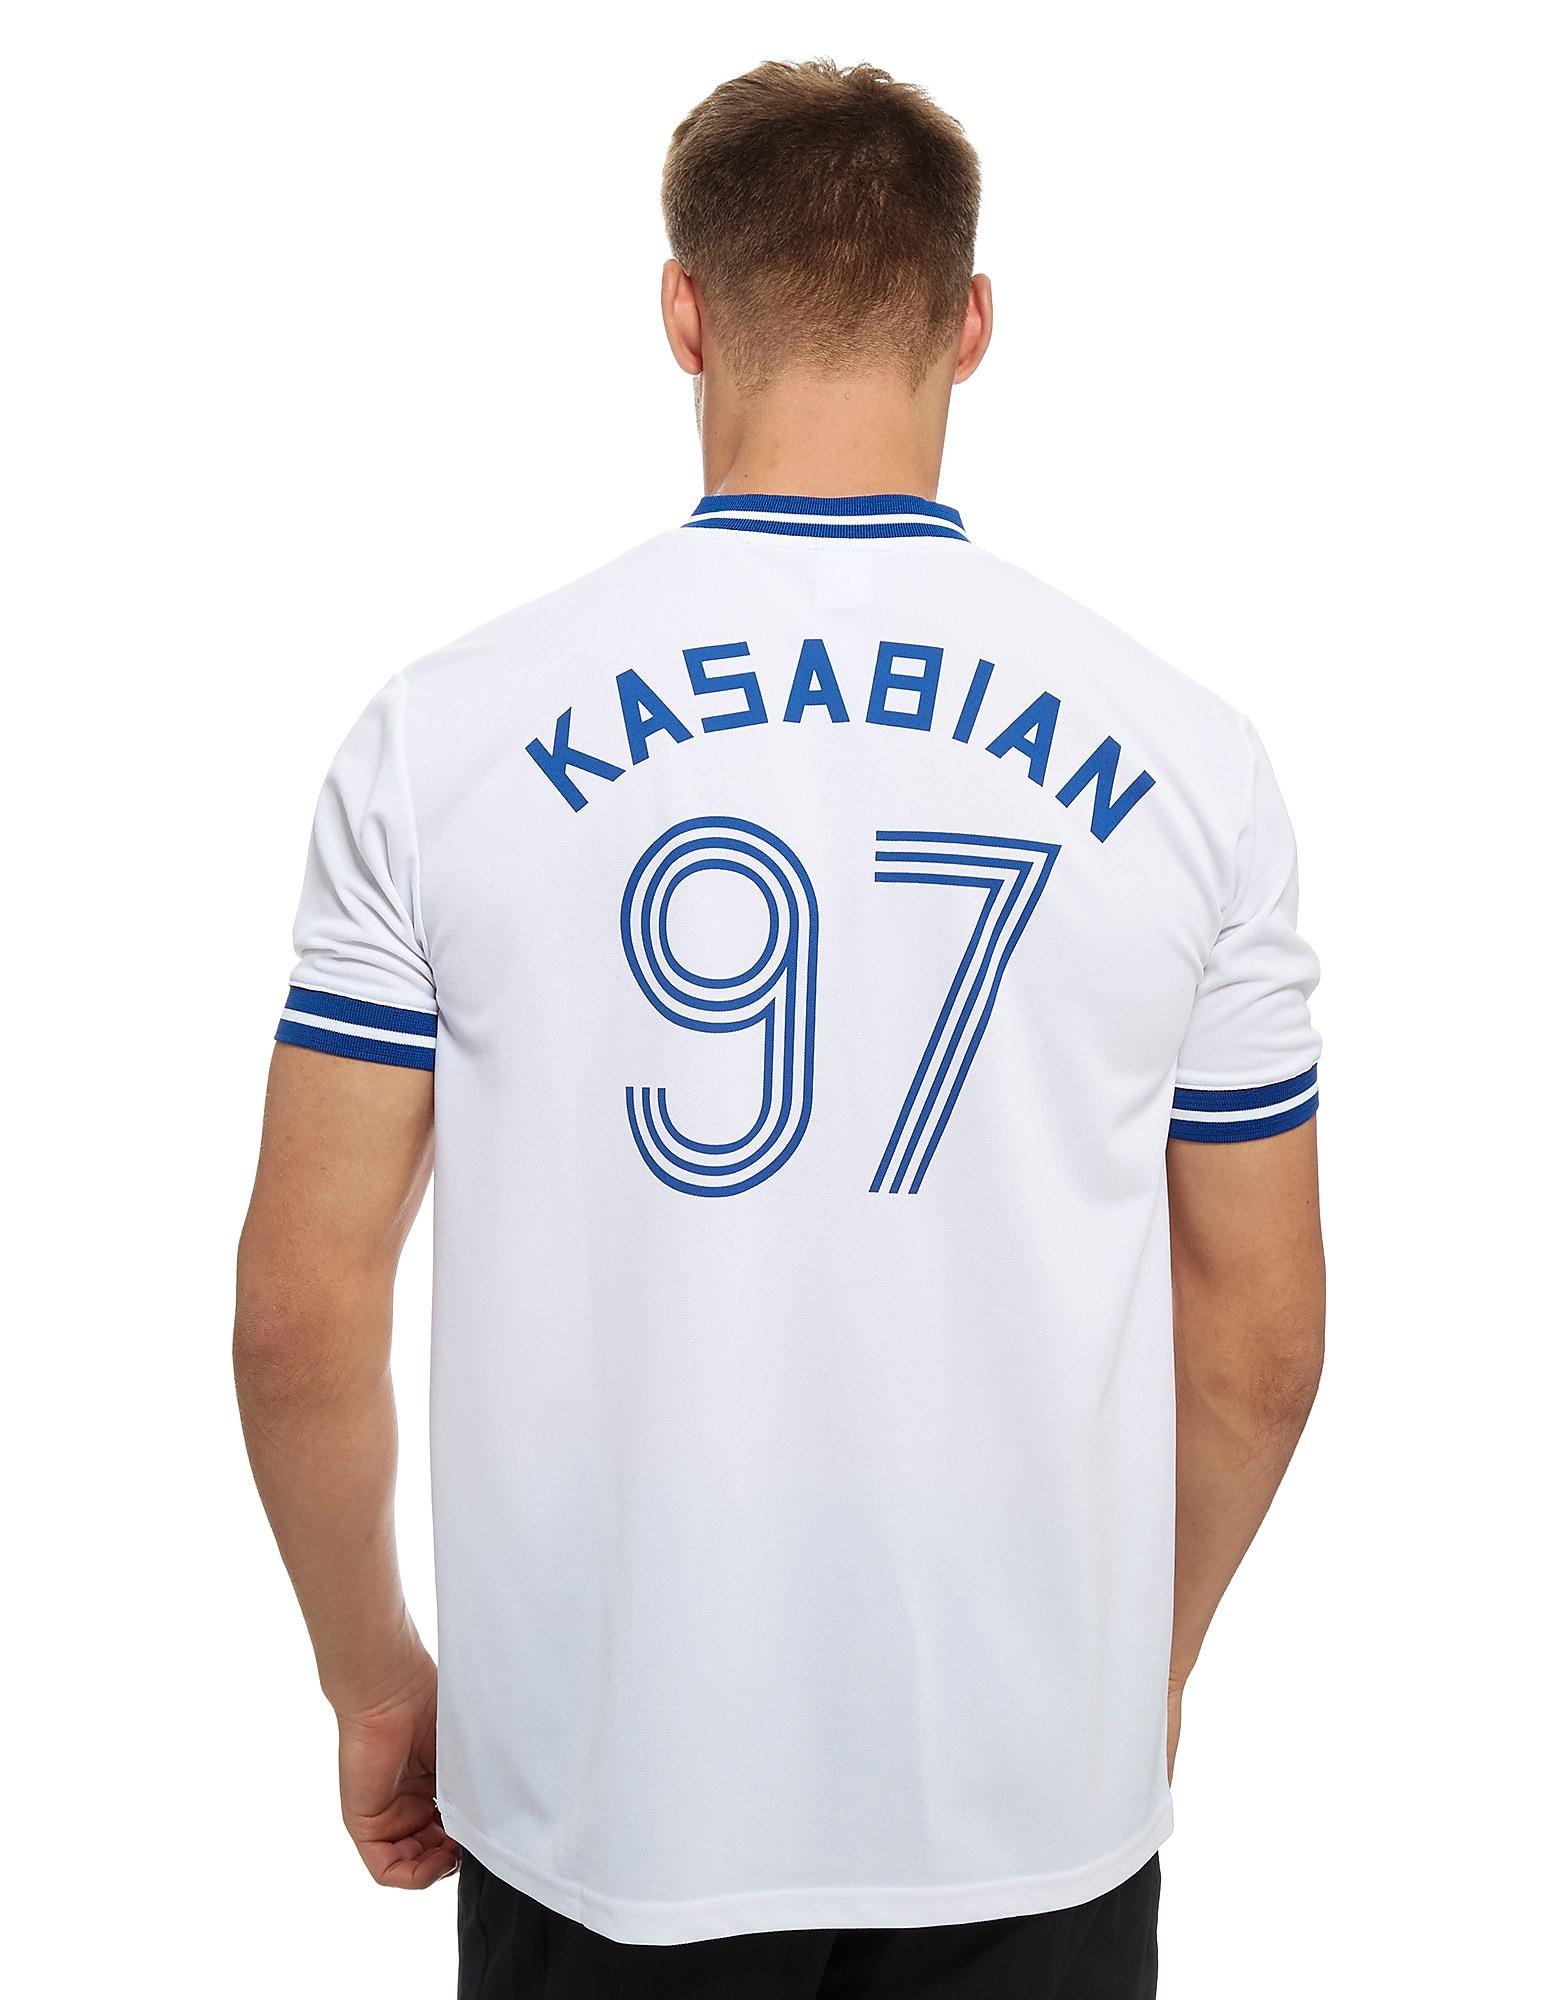 Official Team Official Leicester City Kasabian T-Shirt Heren